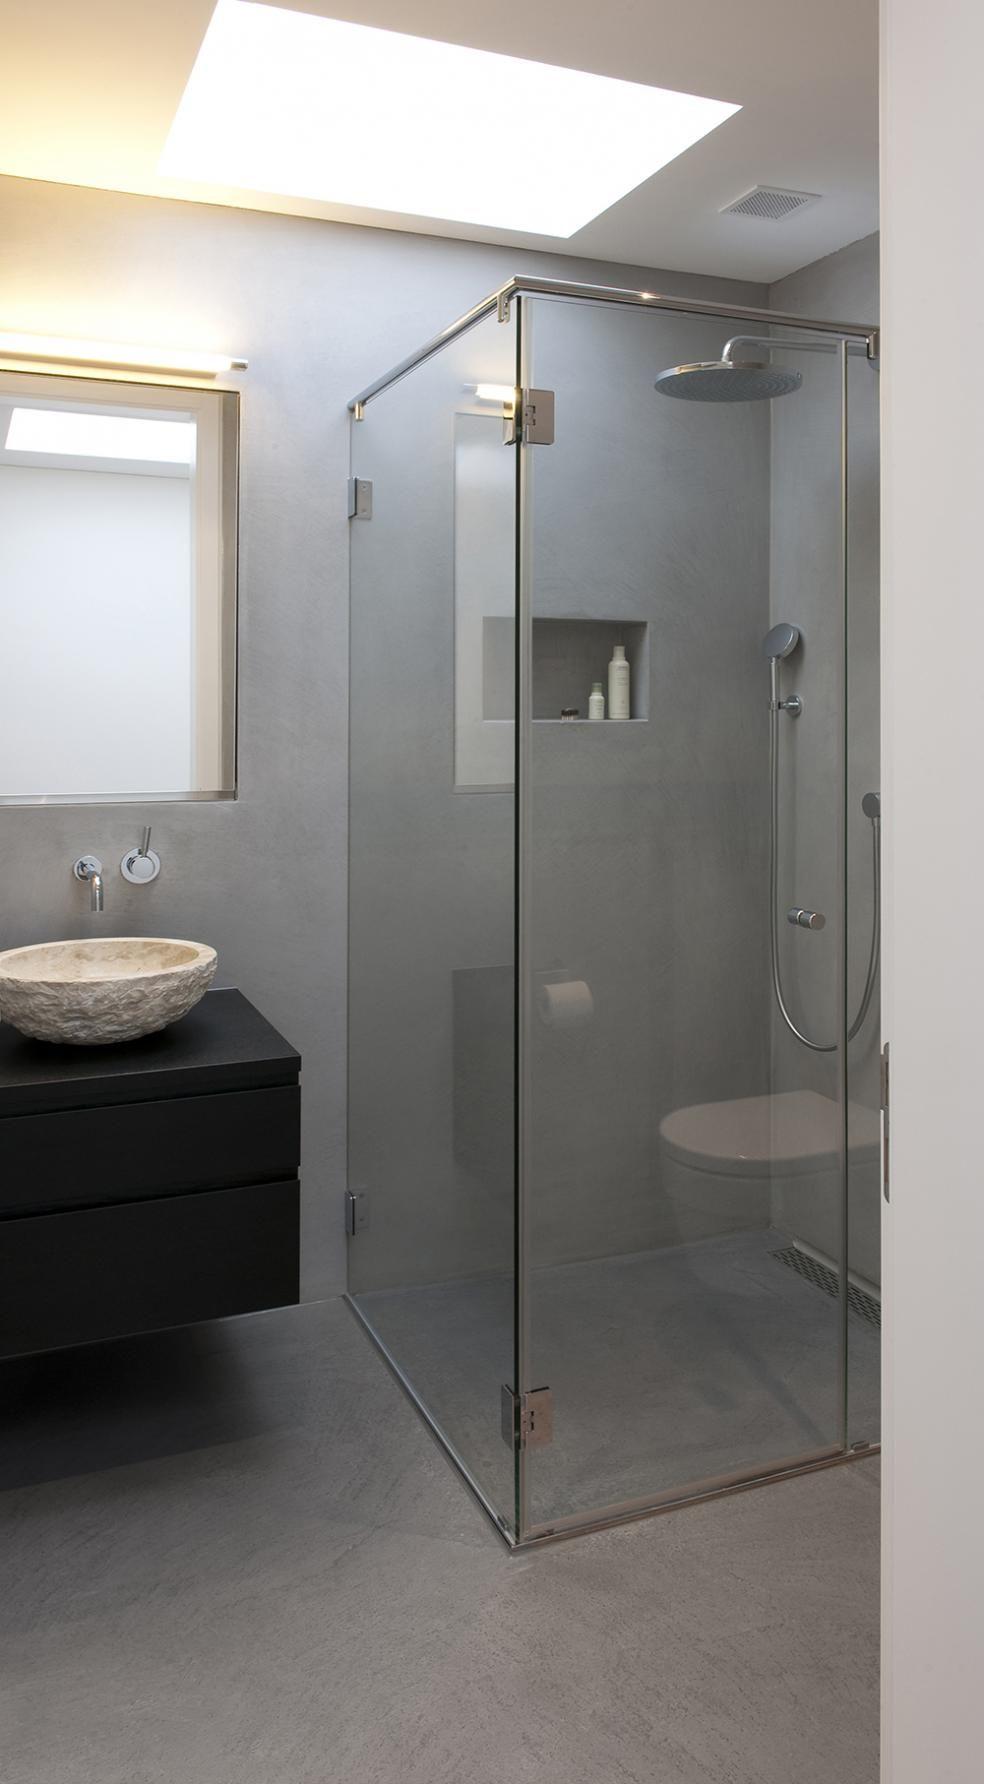 Badezimmer Boden bodarto badezimmergestaltung boden und wandbelag für badezimmer